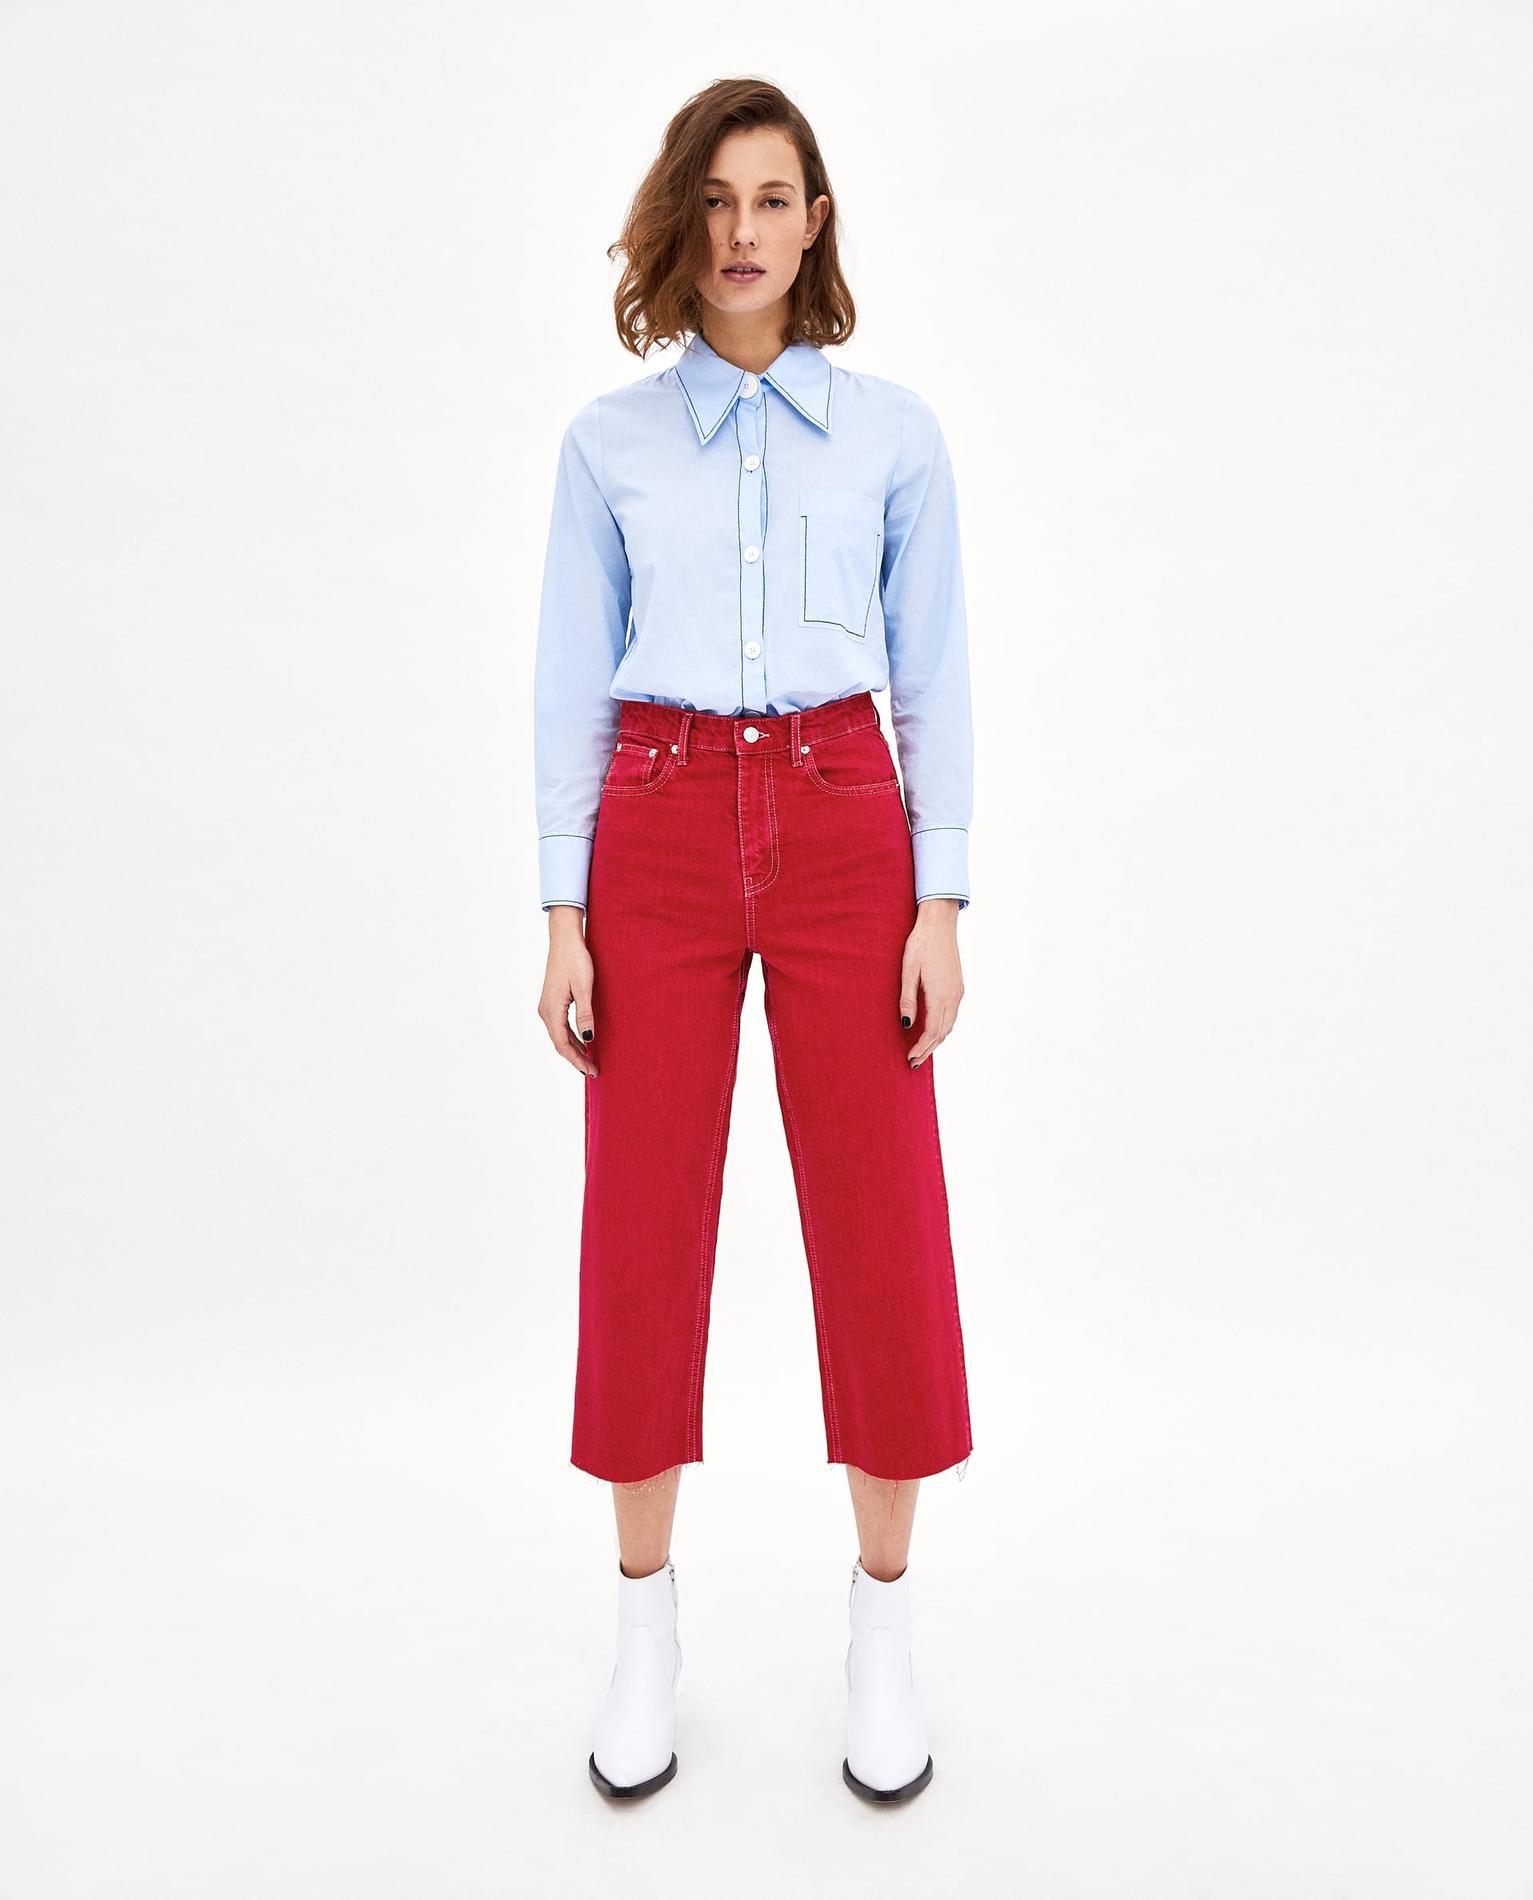 Notre sélection de vêtements pour supporter les bleus - Maison Kitsuné Bleu,  blanc, rouge... Notre sélection de vêtements pour supporter les bleus -  Lacoste ... 27ce0f3541e1